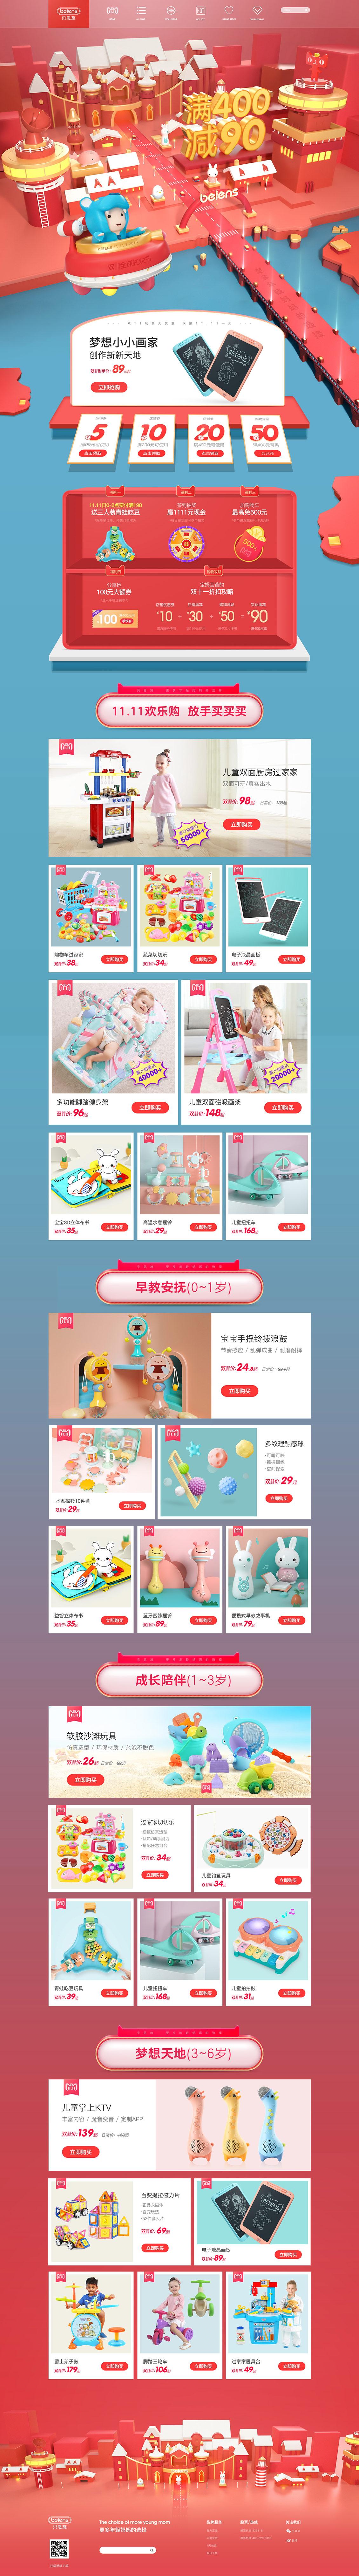 beiens贝恩施 母婴用品 儿童玩具 童装 双11预售 双十一来啦 天猫首页网页设计